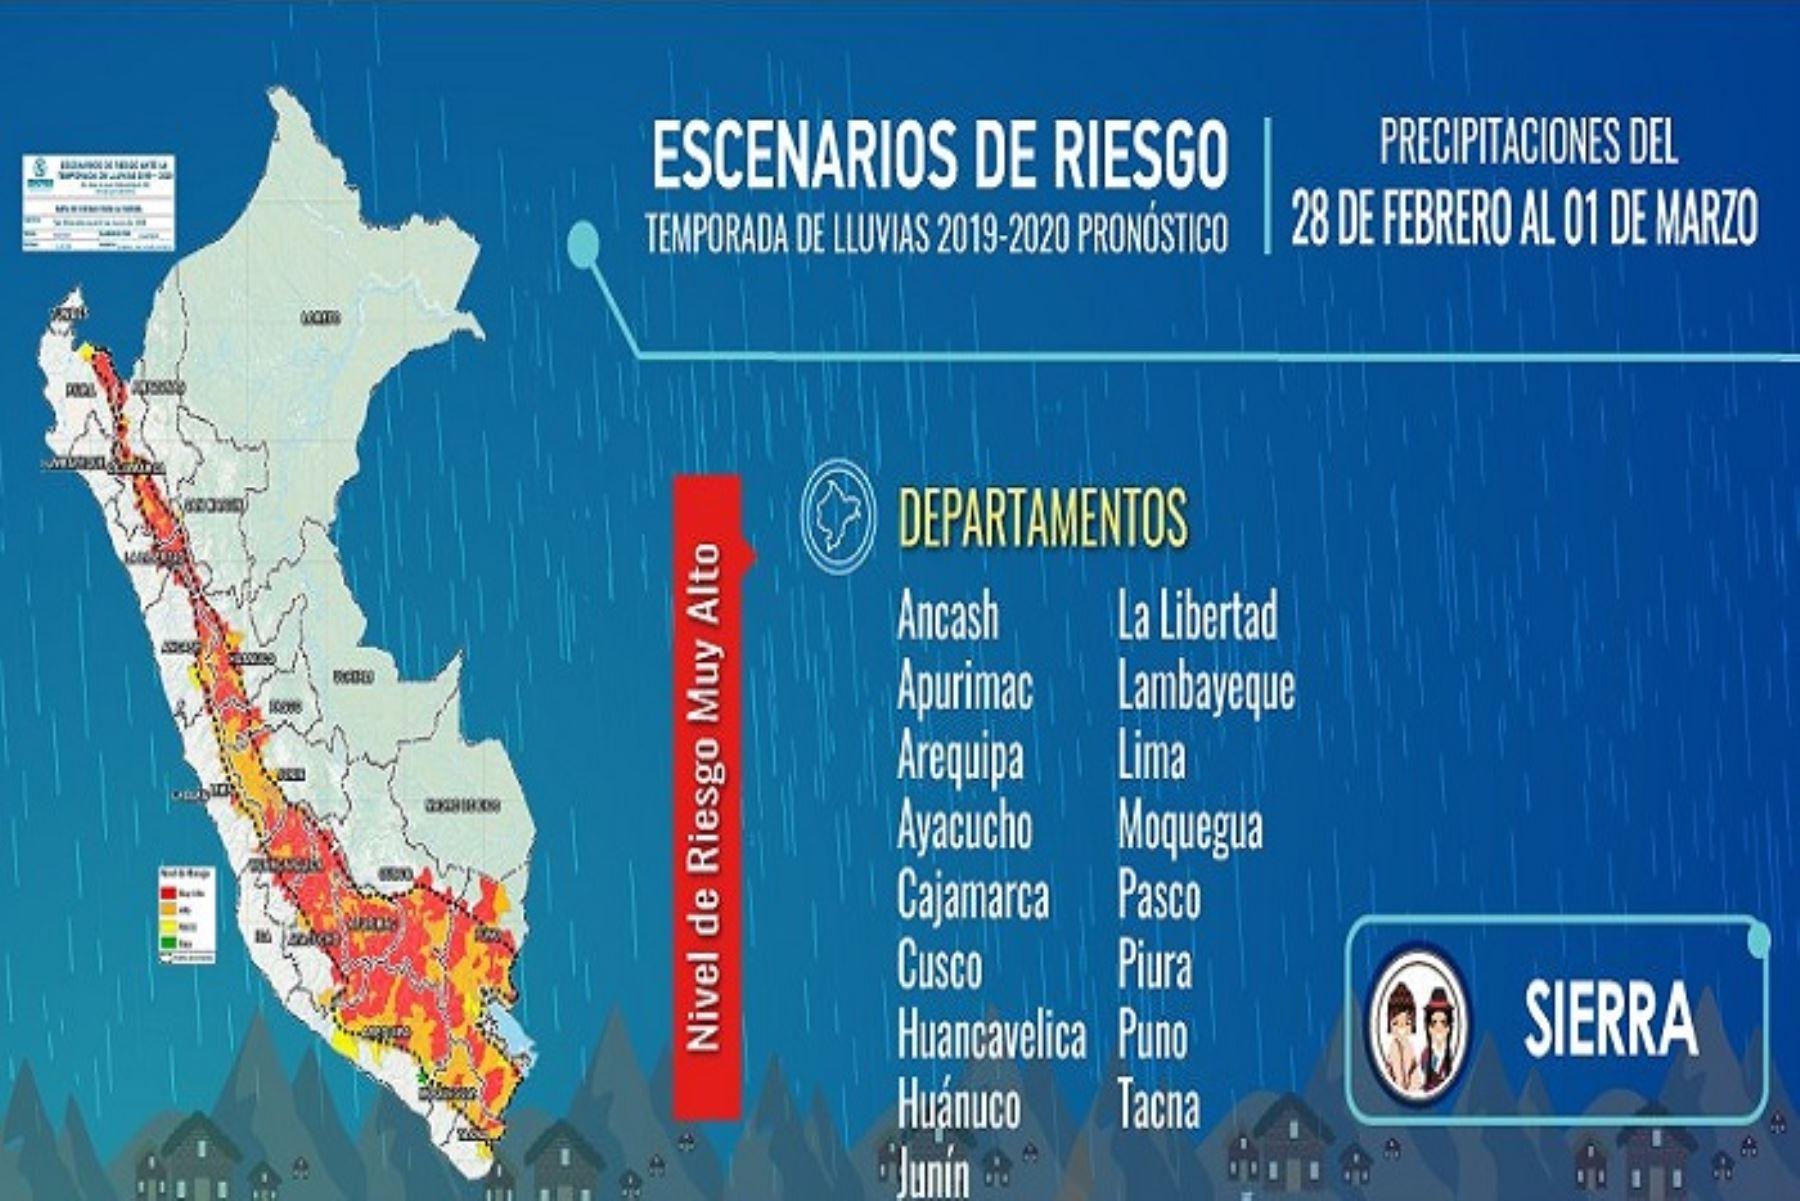 Más de 2 millones de habitantes expuestos a nivel muy alto de riesgo por lluvias